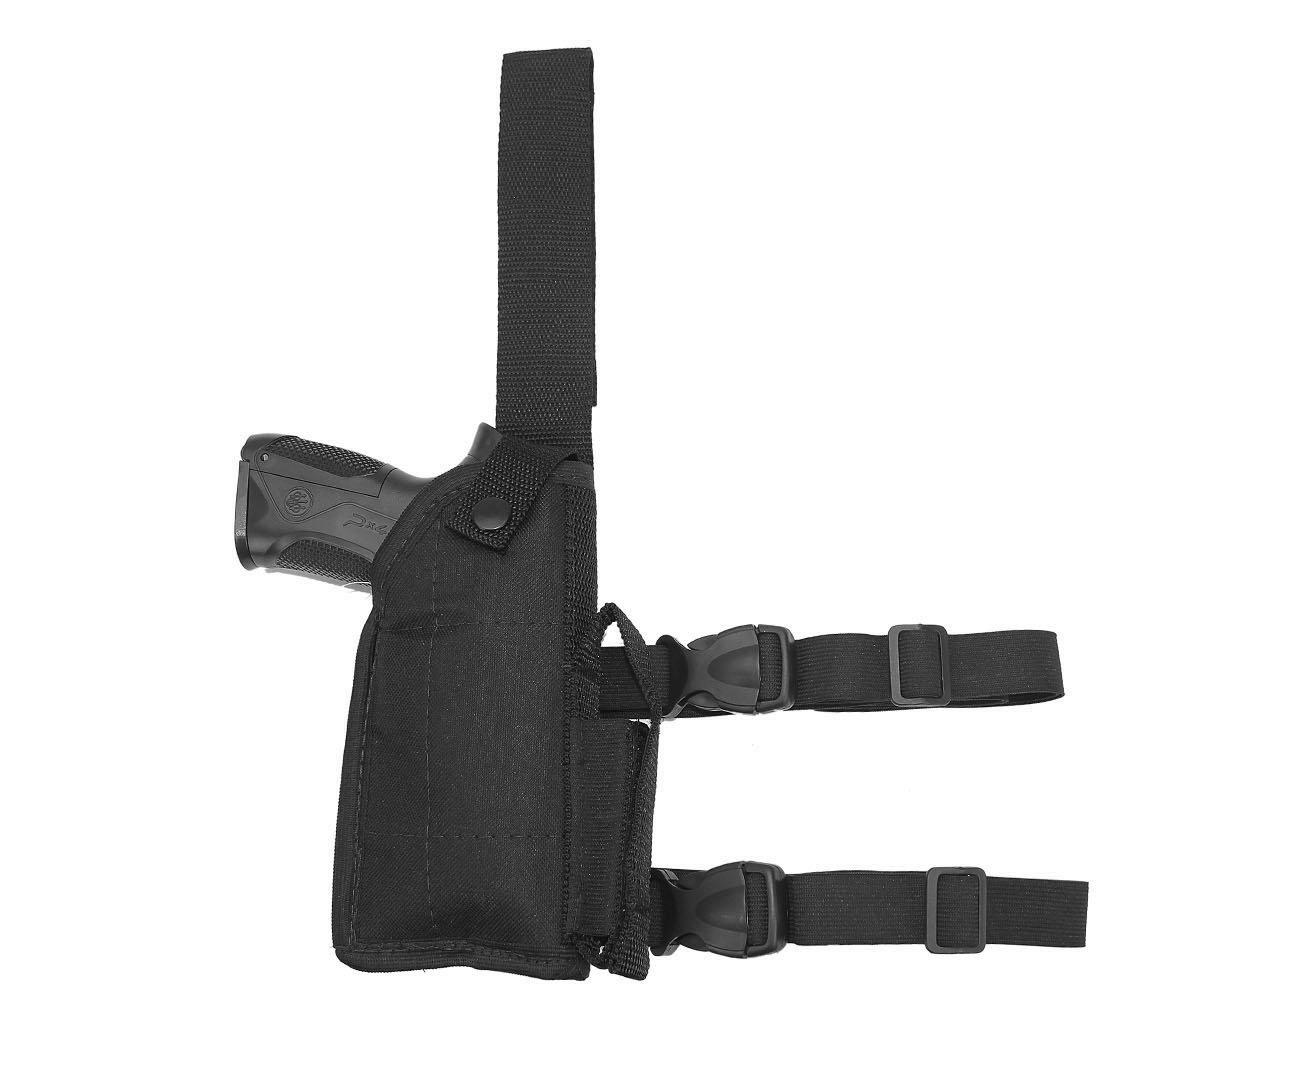 Coldre De Perna Para Pistola Com Regulagem Universal - Destro - Mundo Da Carabina